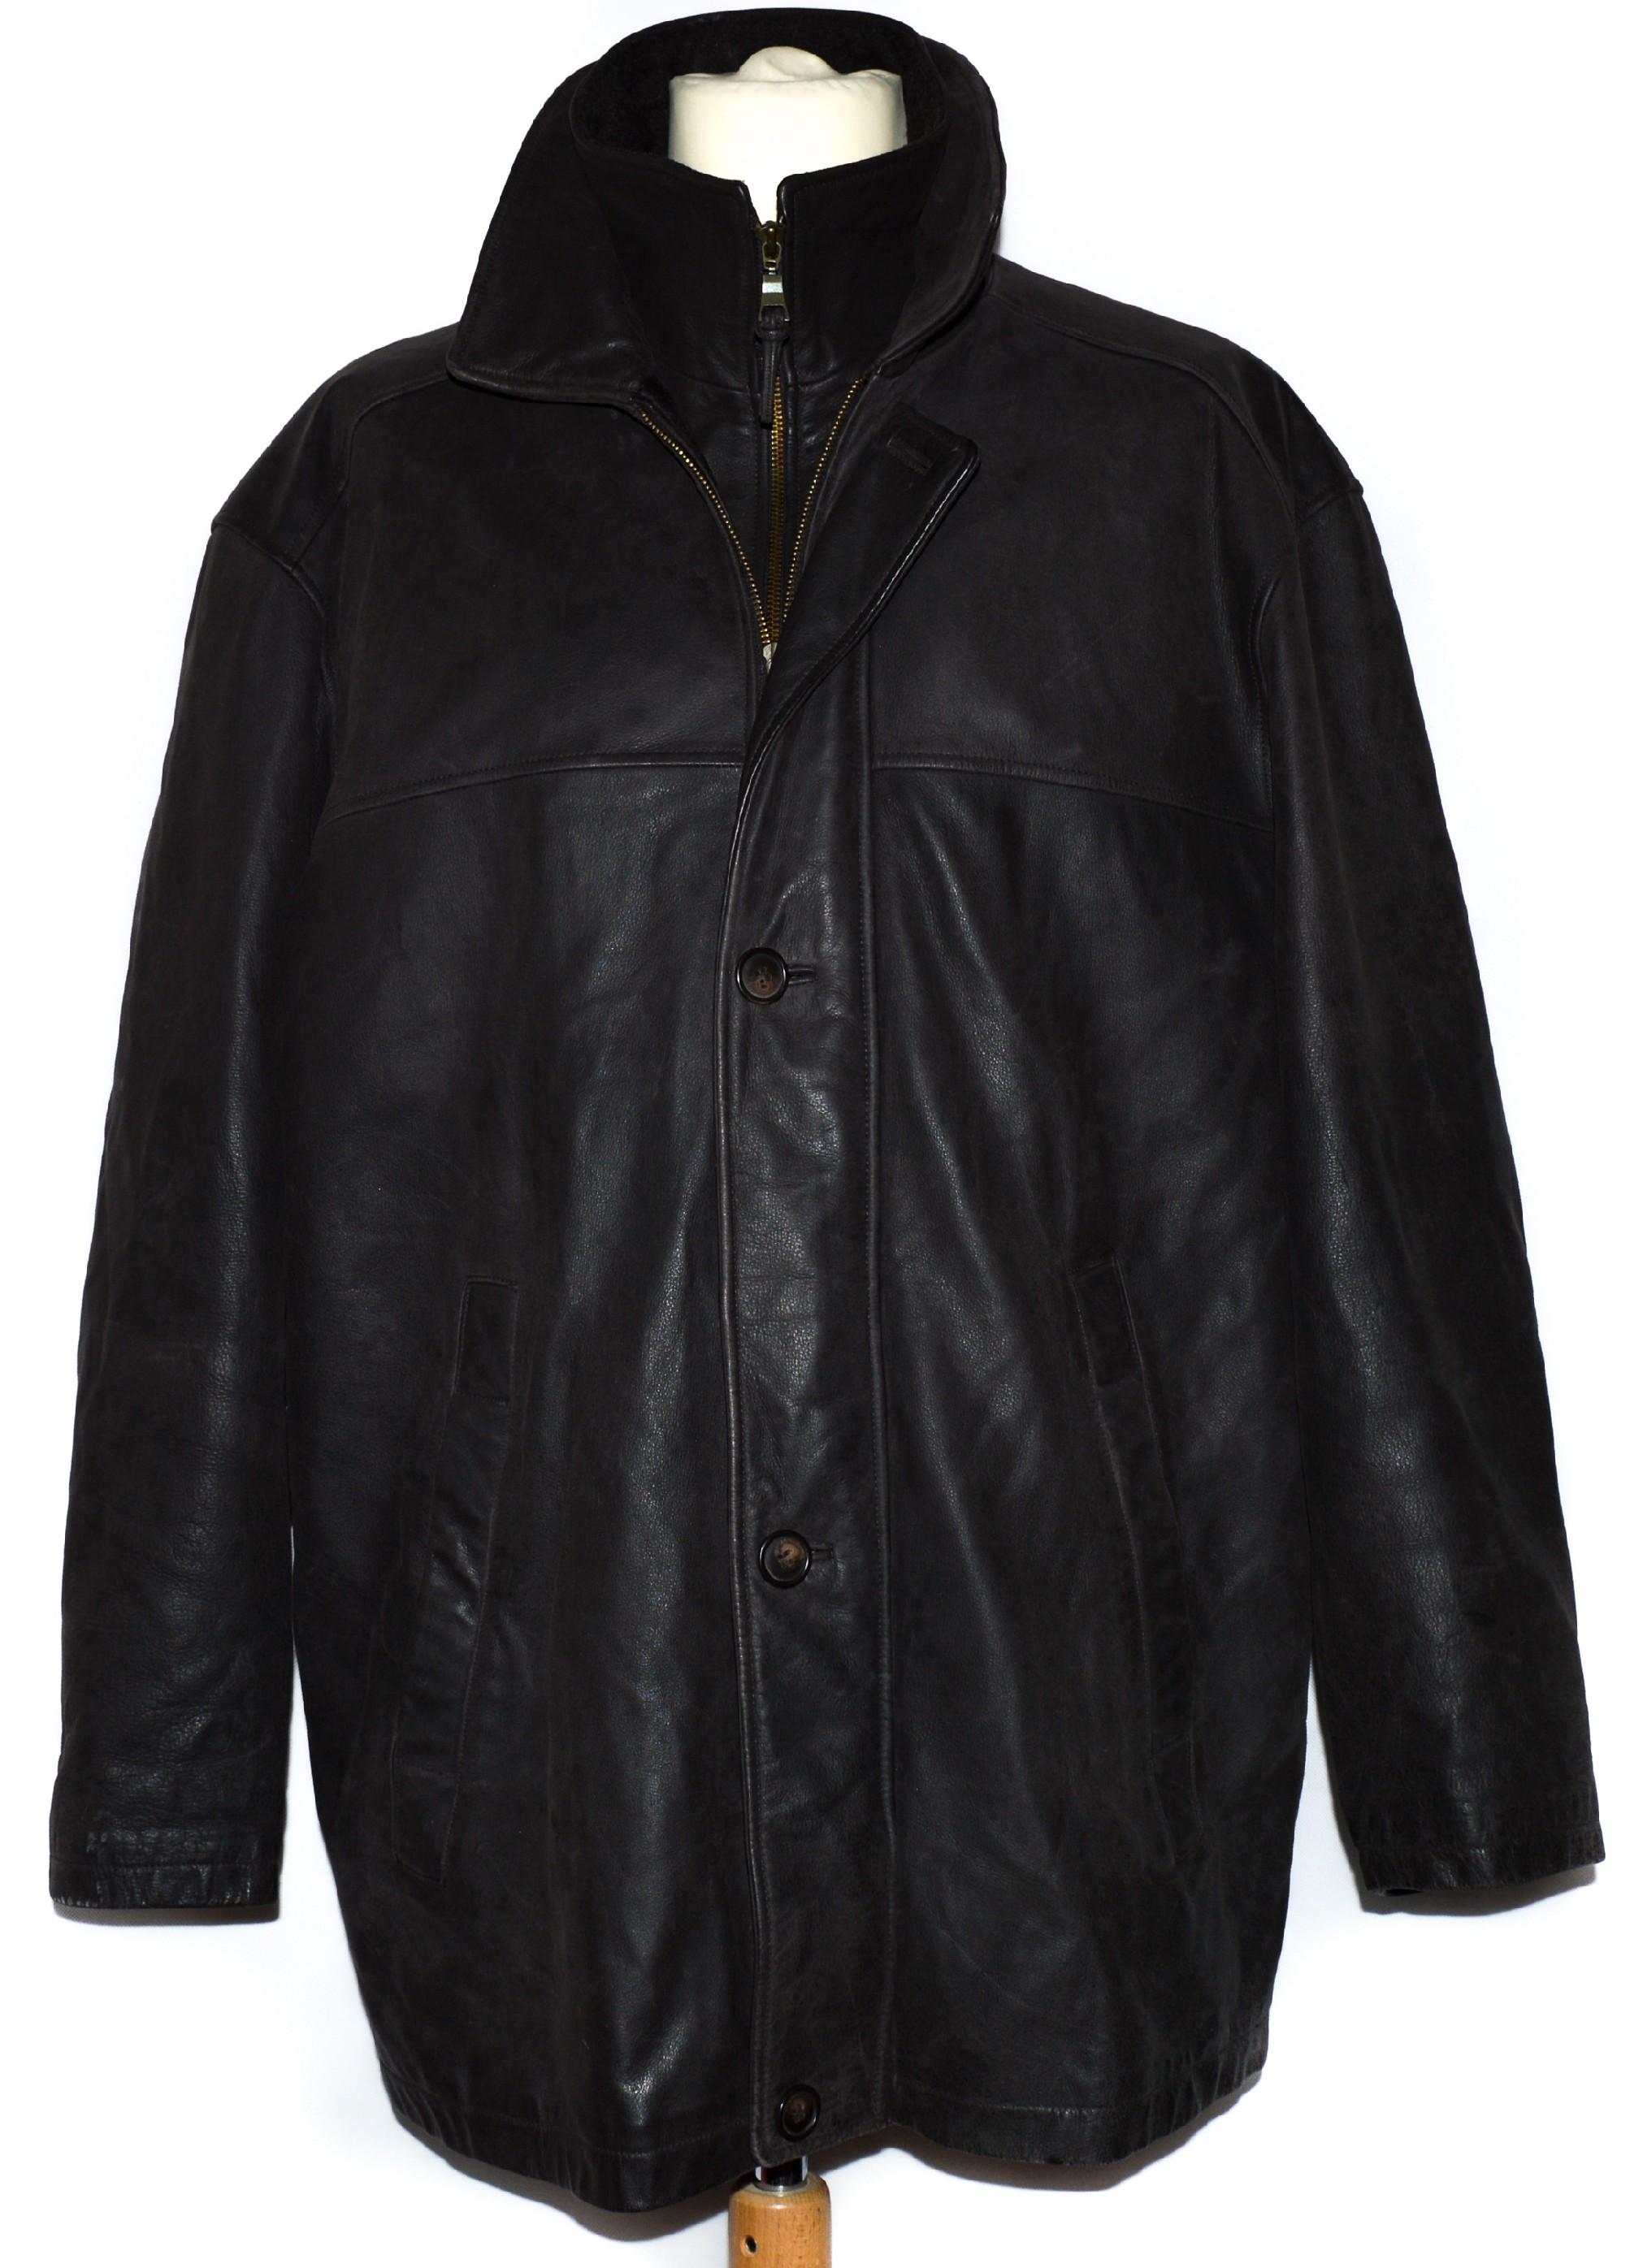 KOŽENÁ pánská hnědá měkká bunda Donar XL